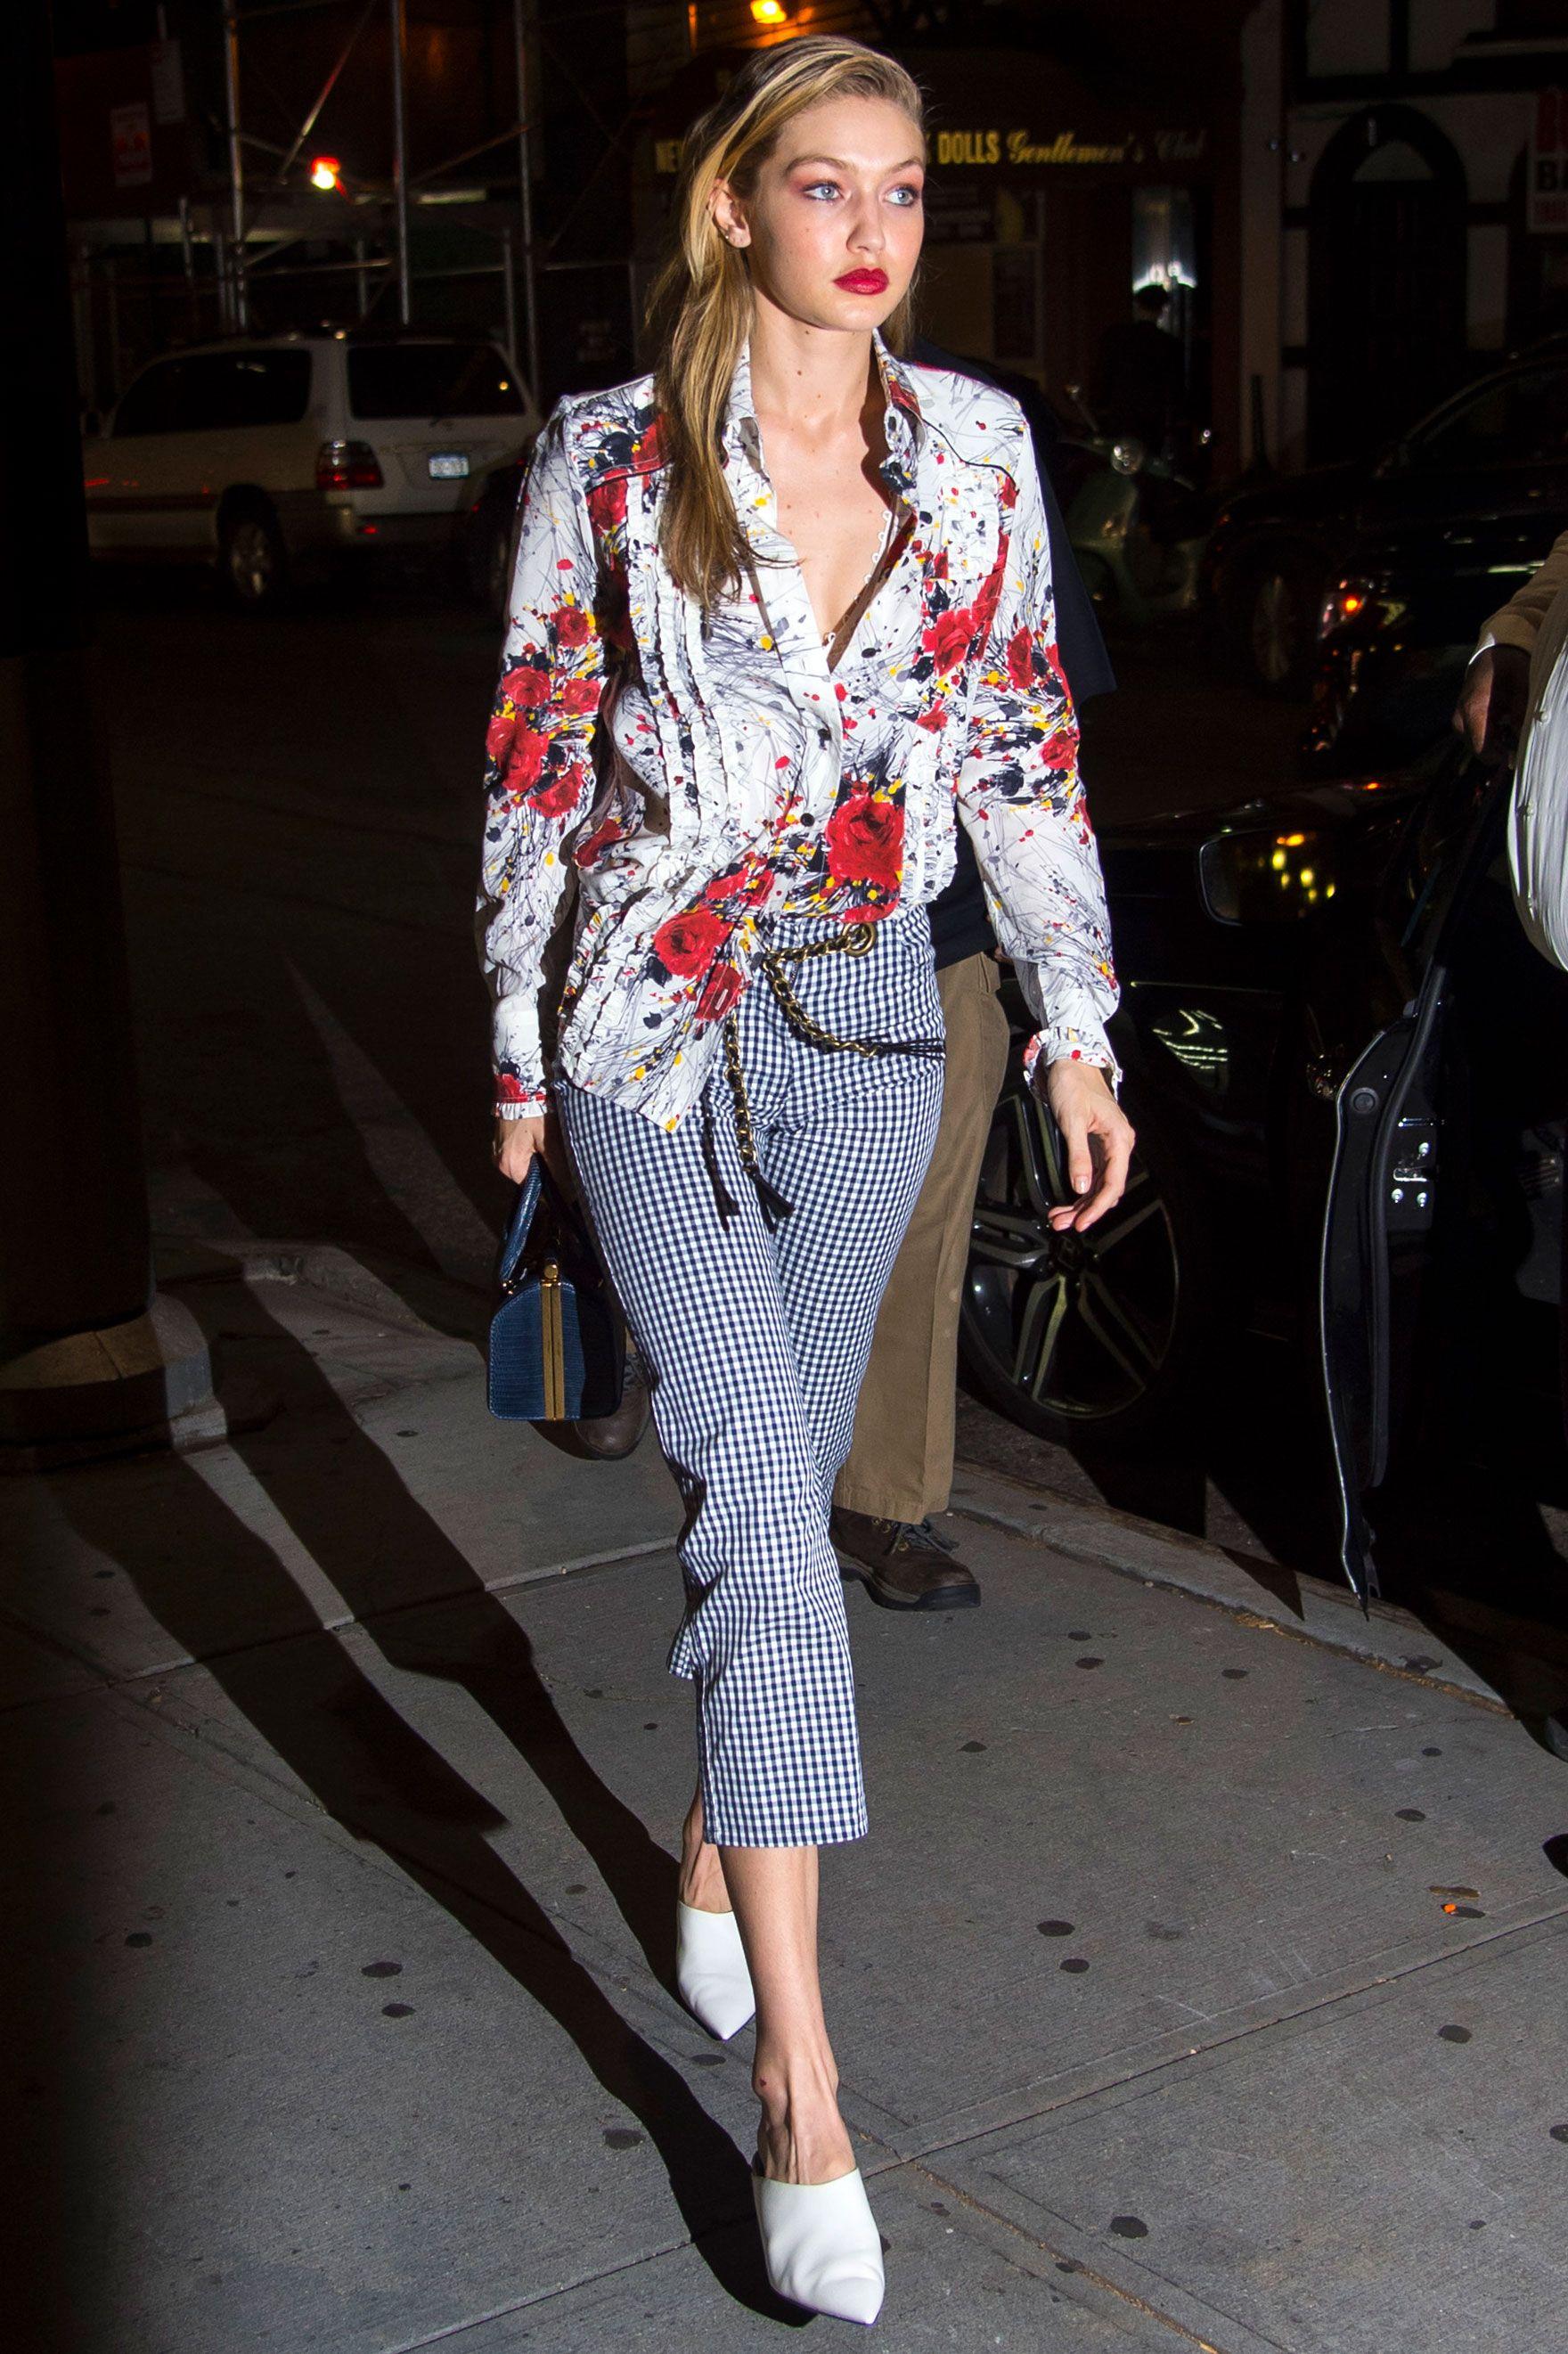 d236514a0 Gigi Hadid Model Style - Gigi Hadid s Sexiest Looks